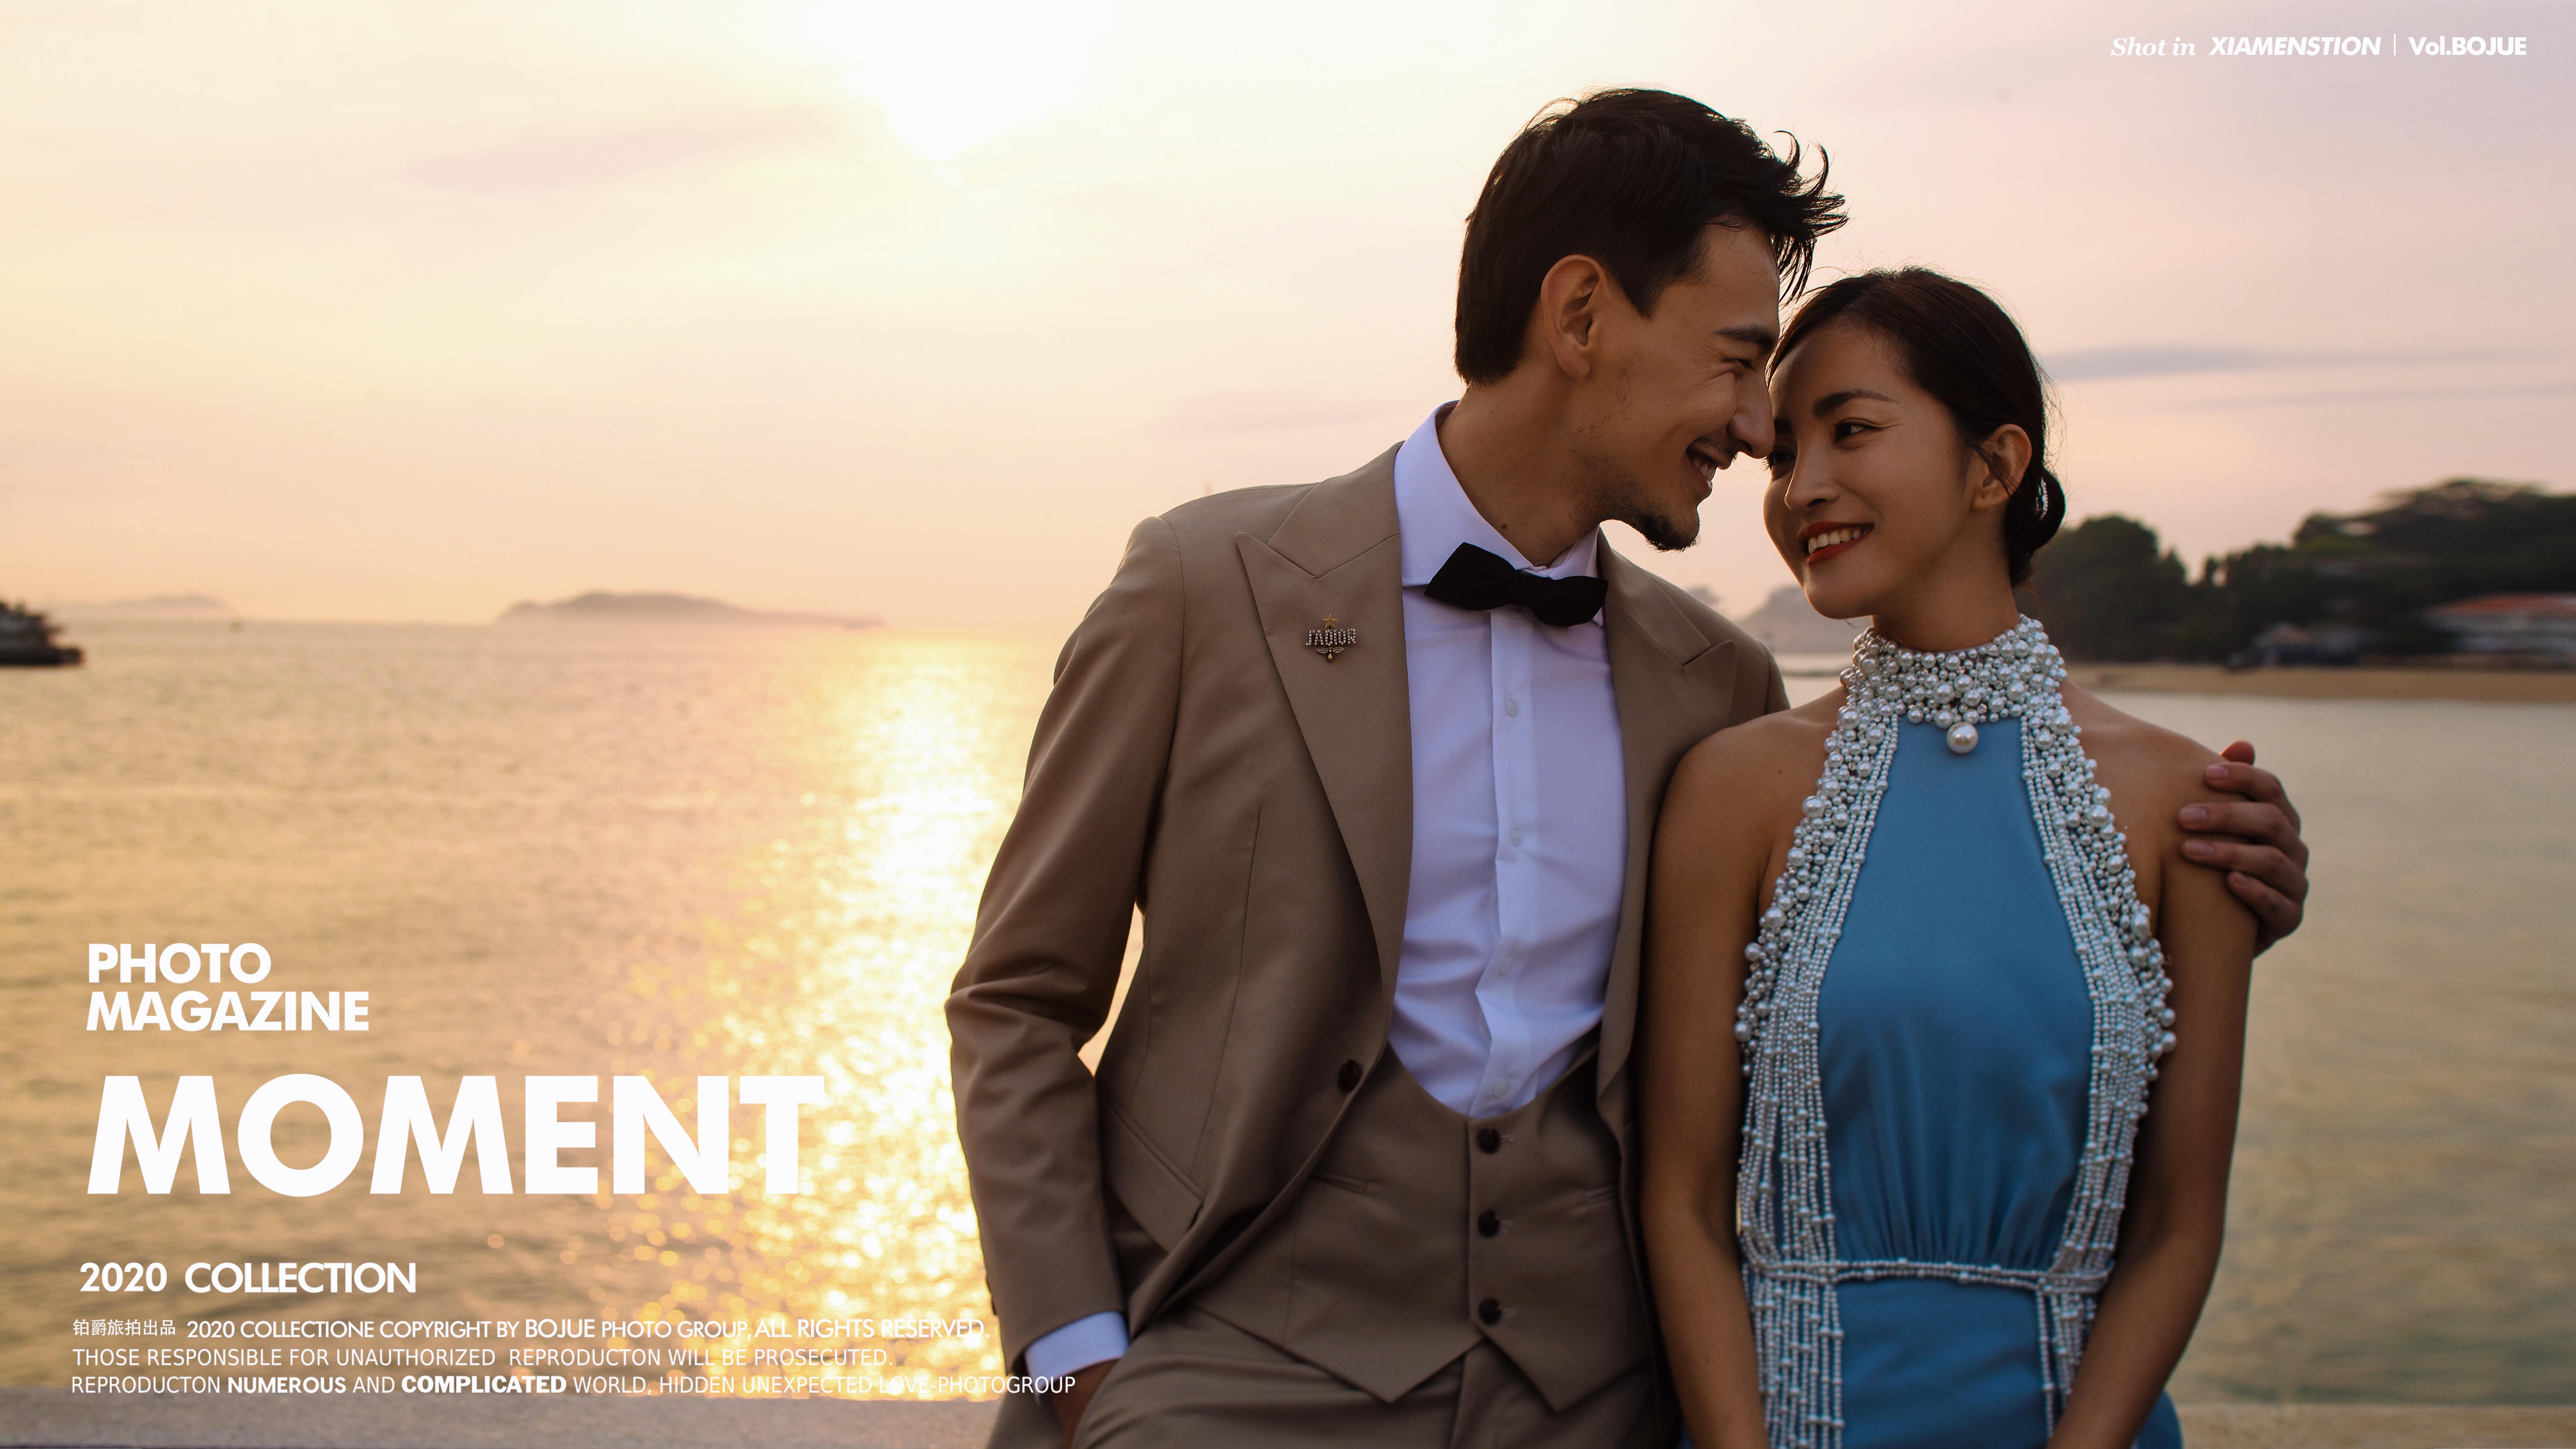 婚纱照怎么拍出浪漫大气的感觉 厦门婚纱照拍摄技巧分享